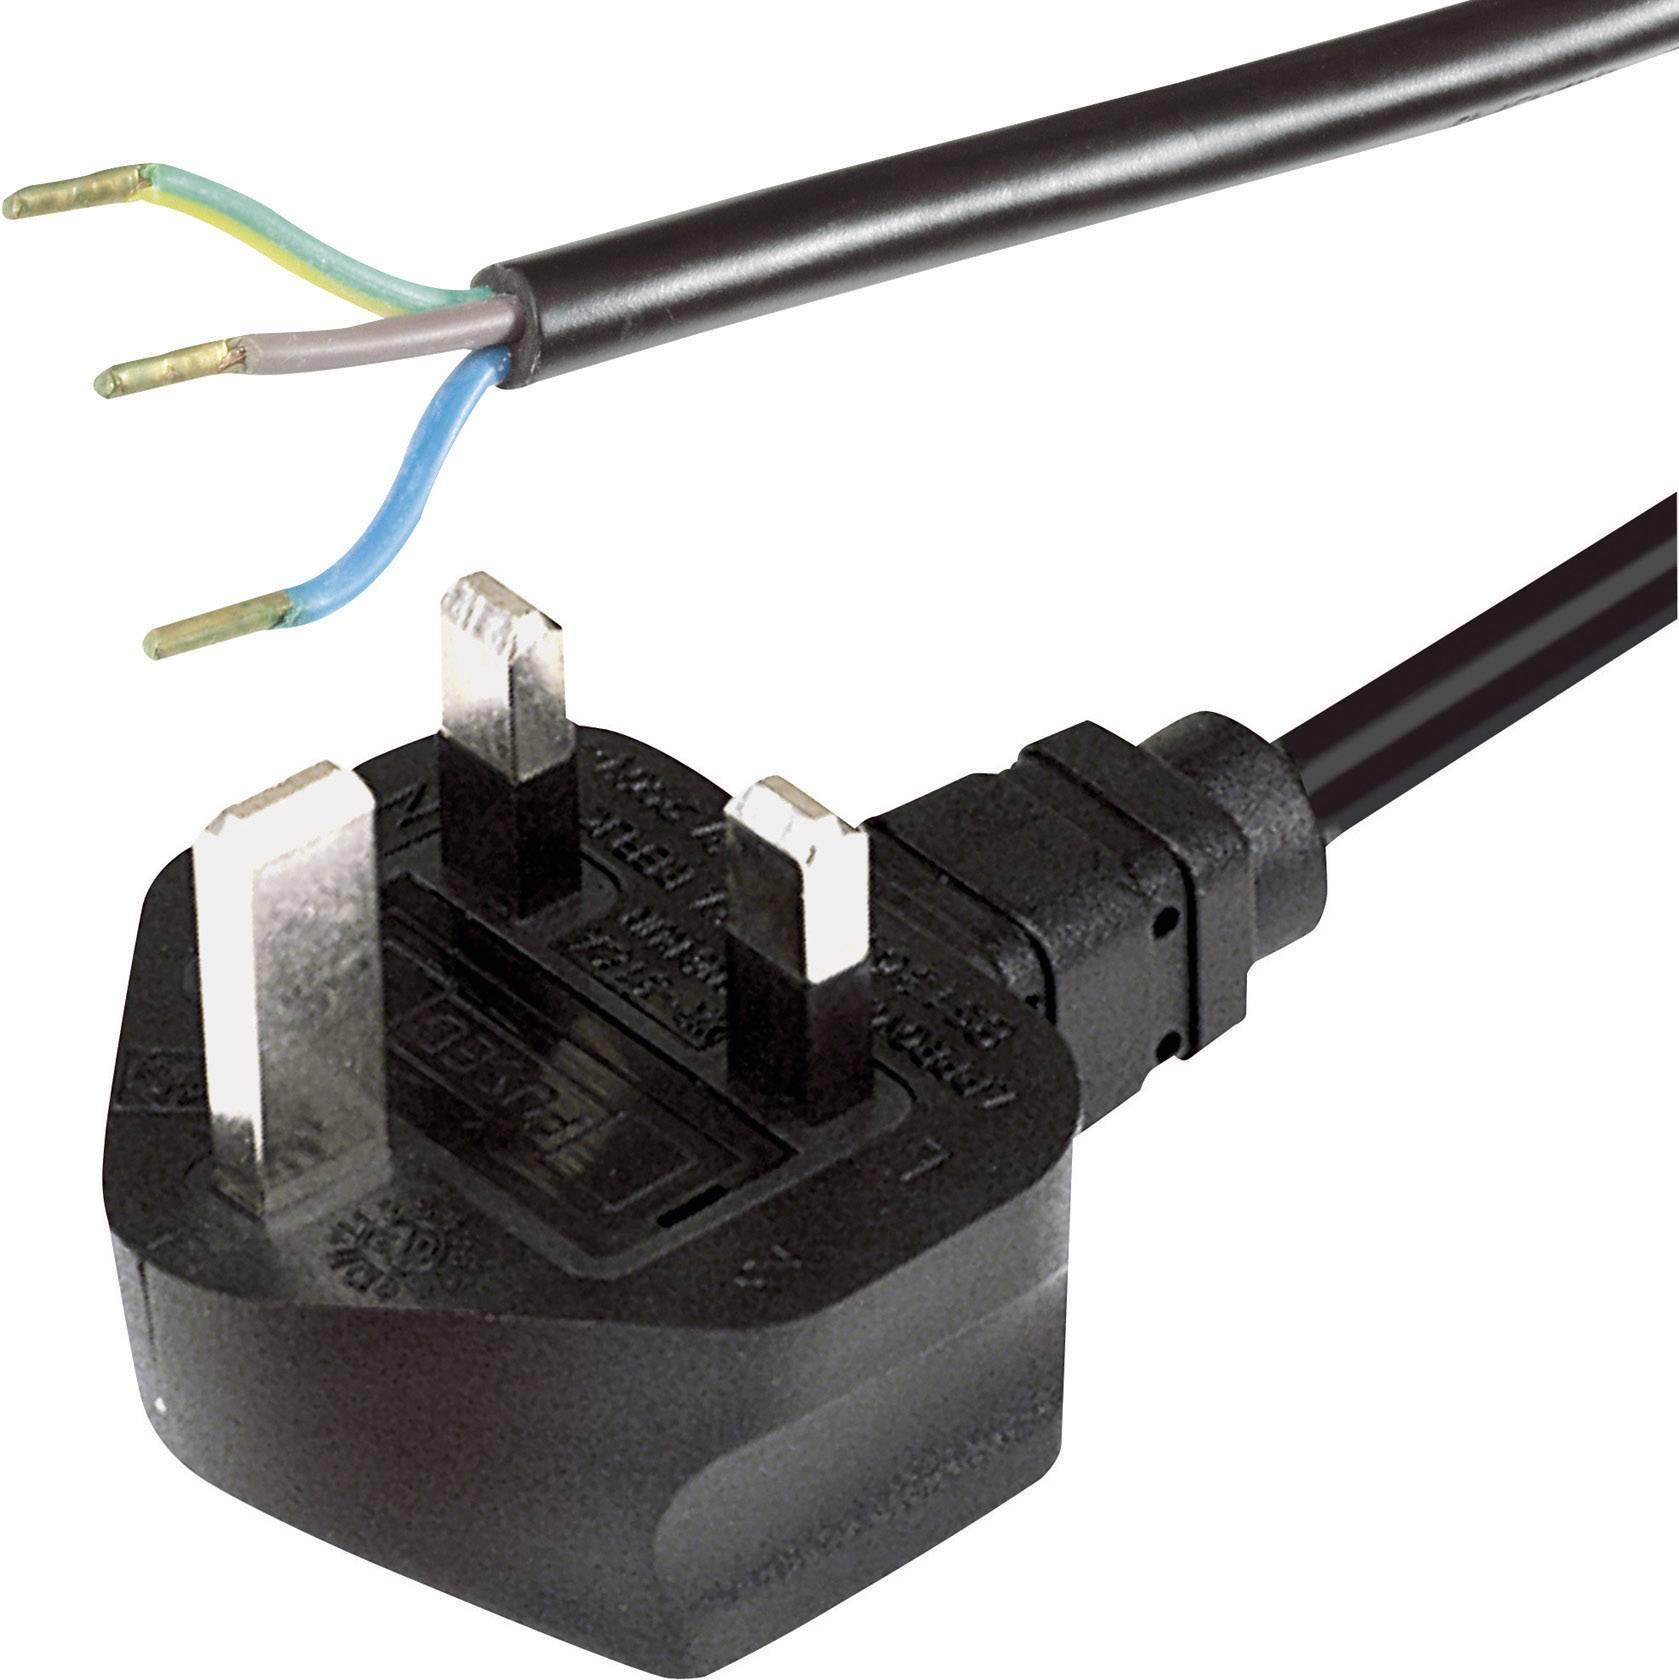 Síťový kabel Hawa, anglická zástrčka/otevřený konec, 0,75 mm², 2 m, 1008244